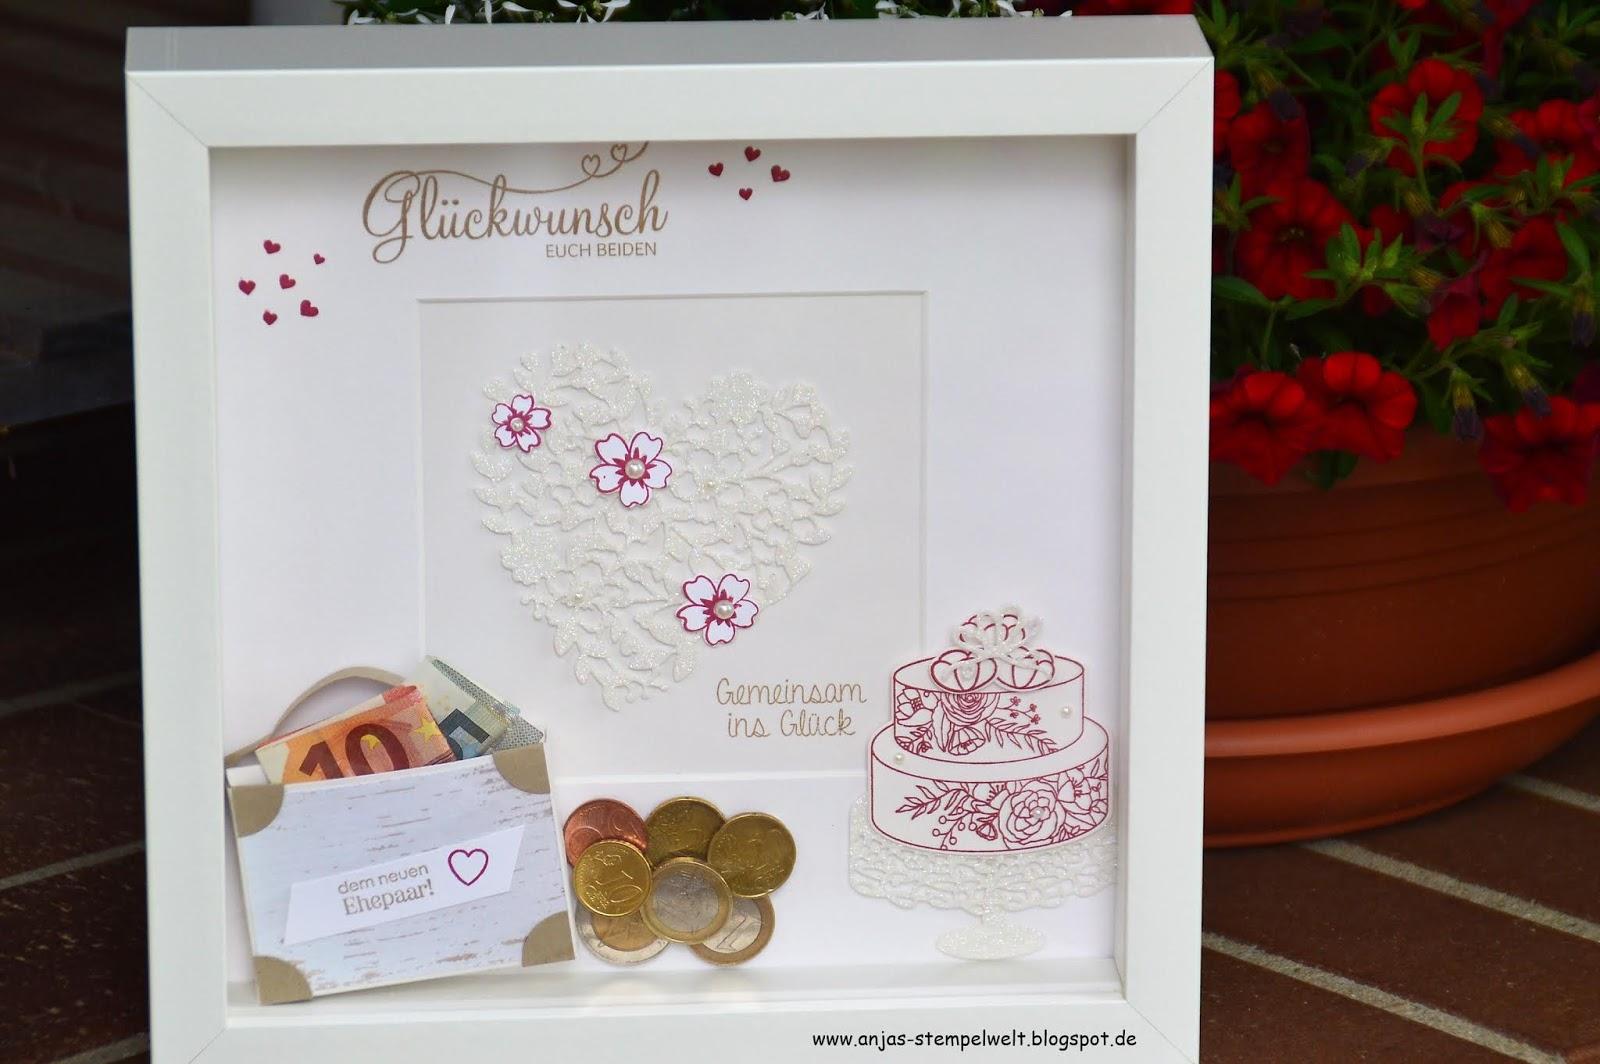 Bilderrahmen als Hochzeitsgeschenk - Anjas-Stempelwelt - Unabhängige ...